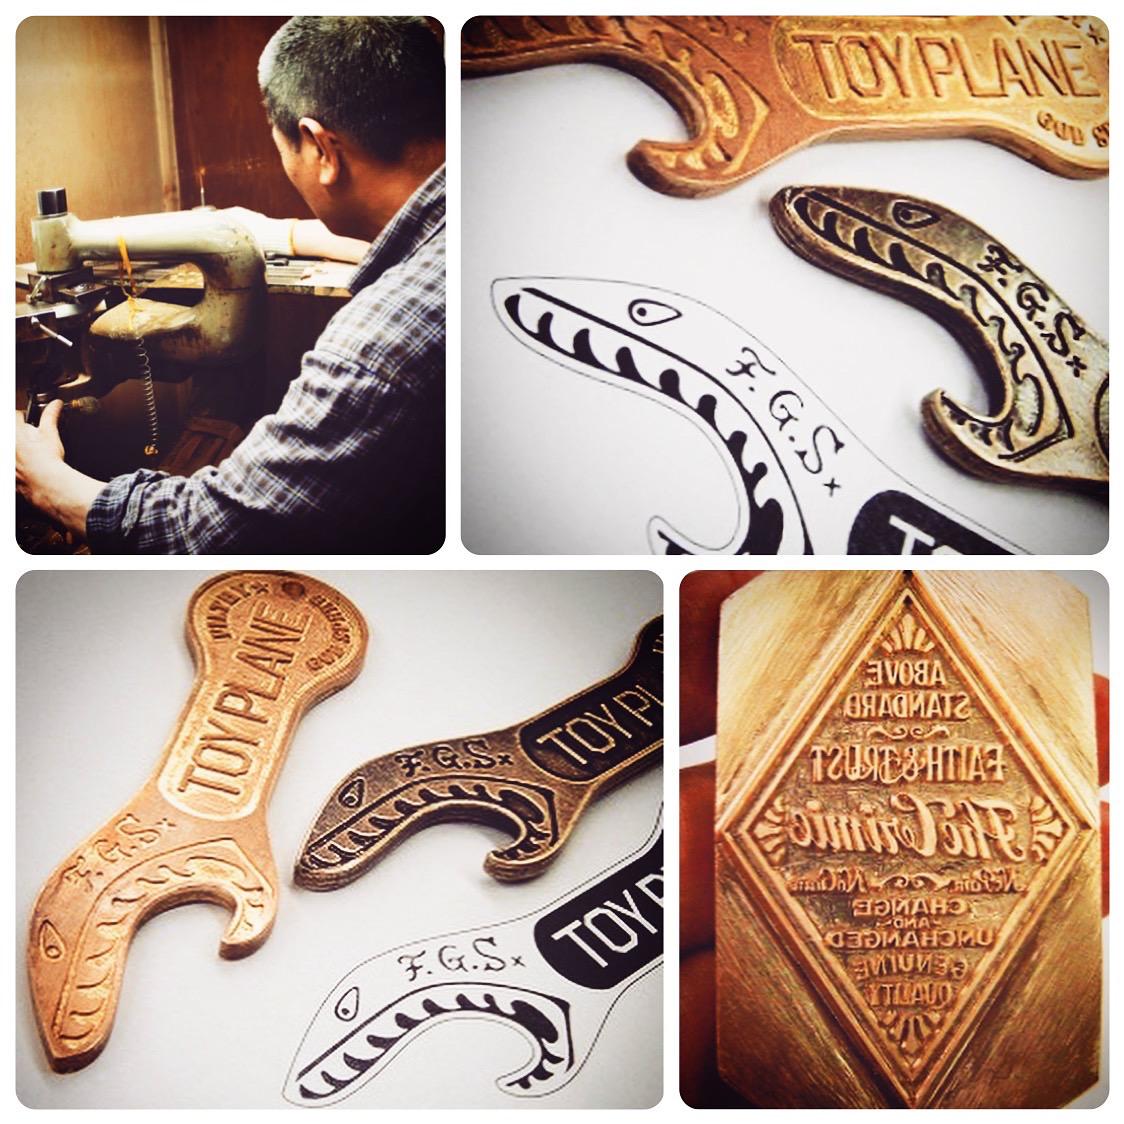 お客様が理想とするオリジナルブランドのロゴやモチーフを自由に焼印型に彫刻ができます。また、ジュラルミン、鋼、鉄、真鍮製と使用用途や予算に合わせて選択することも可能です。メタルハウスでは、お客様オリジナルブランドや、記念品、プレゼント、ノベルティ。また、アクセサリーパーツ、金属パーツをお客様のデザインやご希望に合わせて、オーダーメイドにてお作りします。